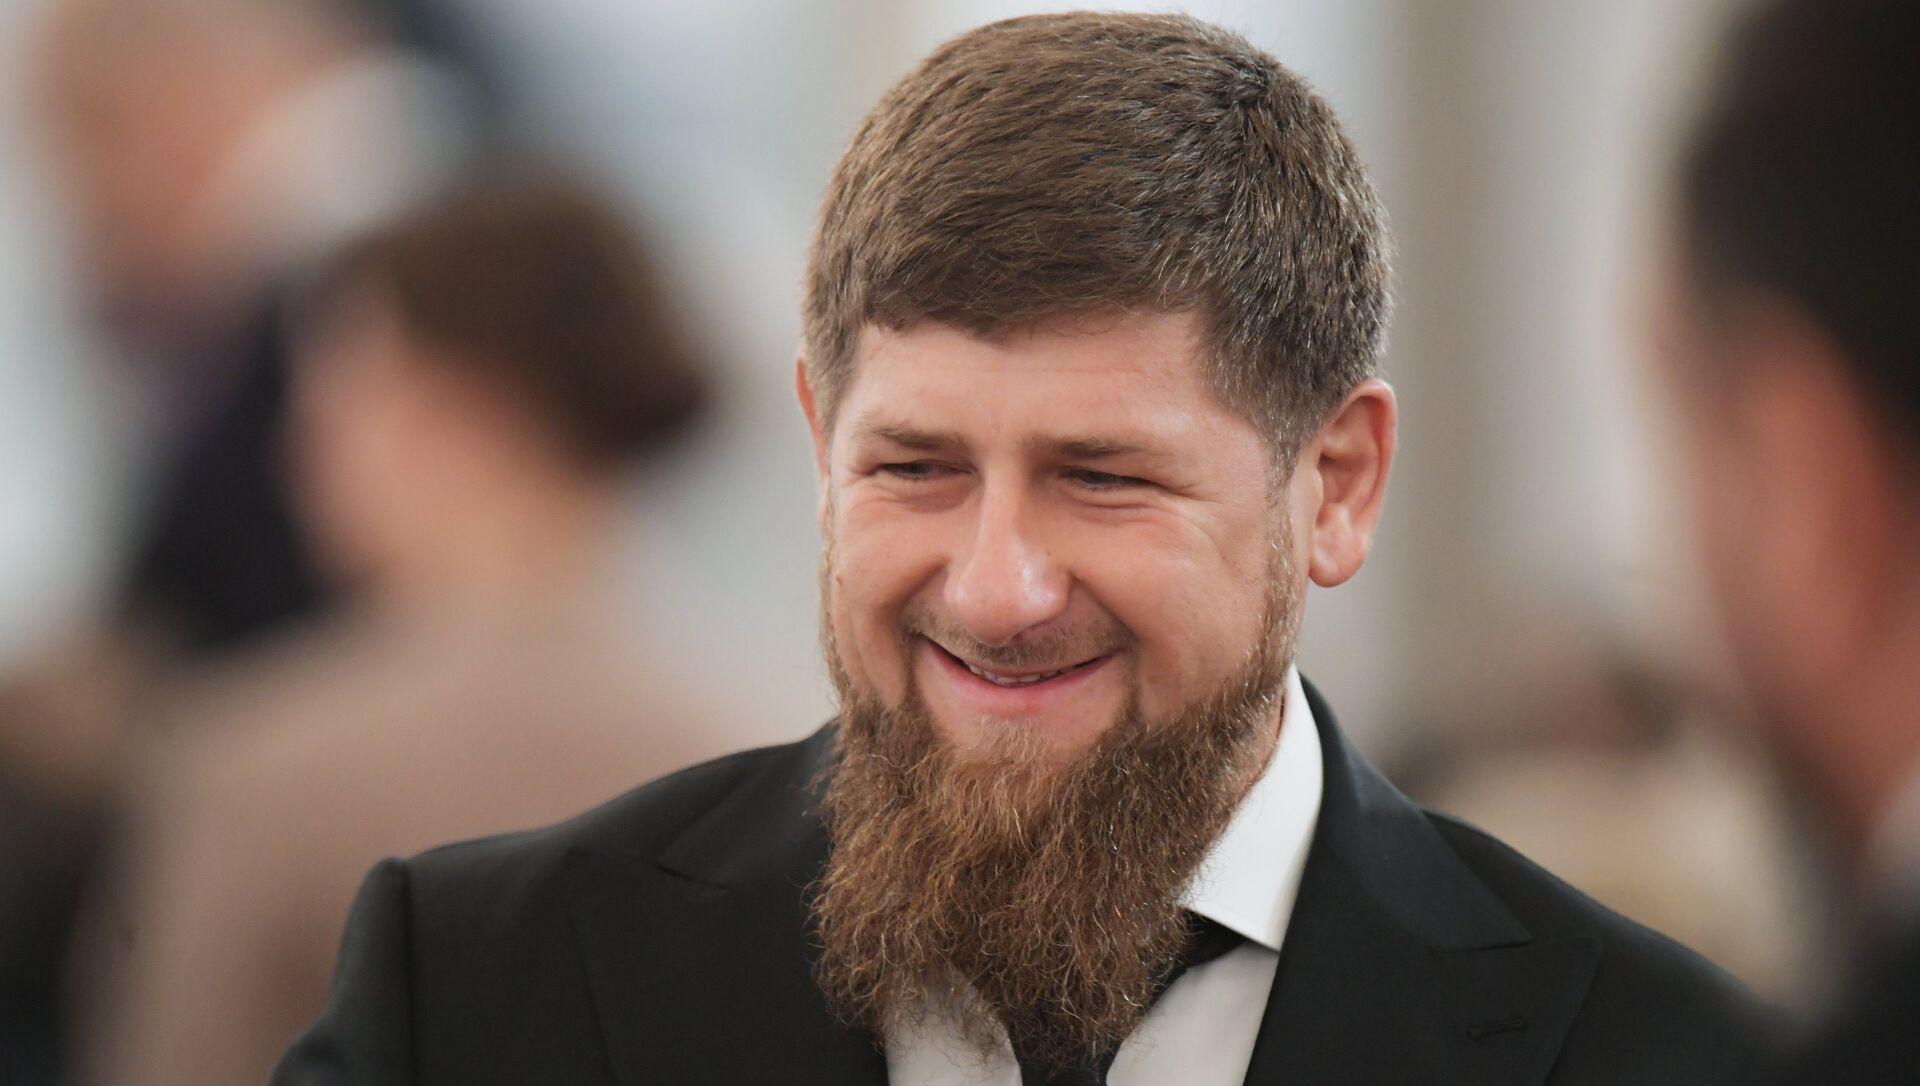 Глава Чеченской Республики Рамзан Кадыров - РИА Новости, 1920, 20.12.2017